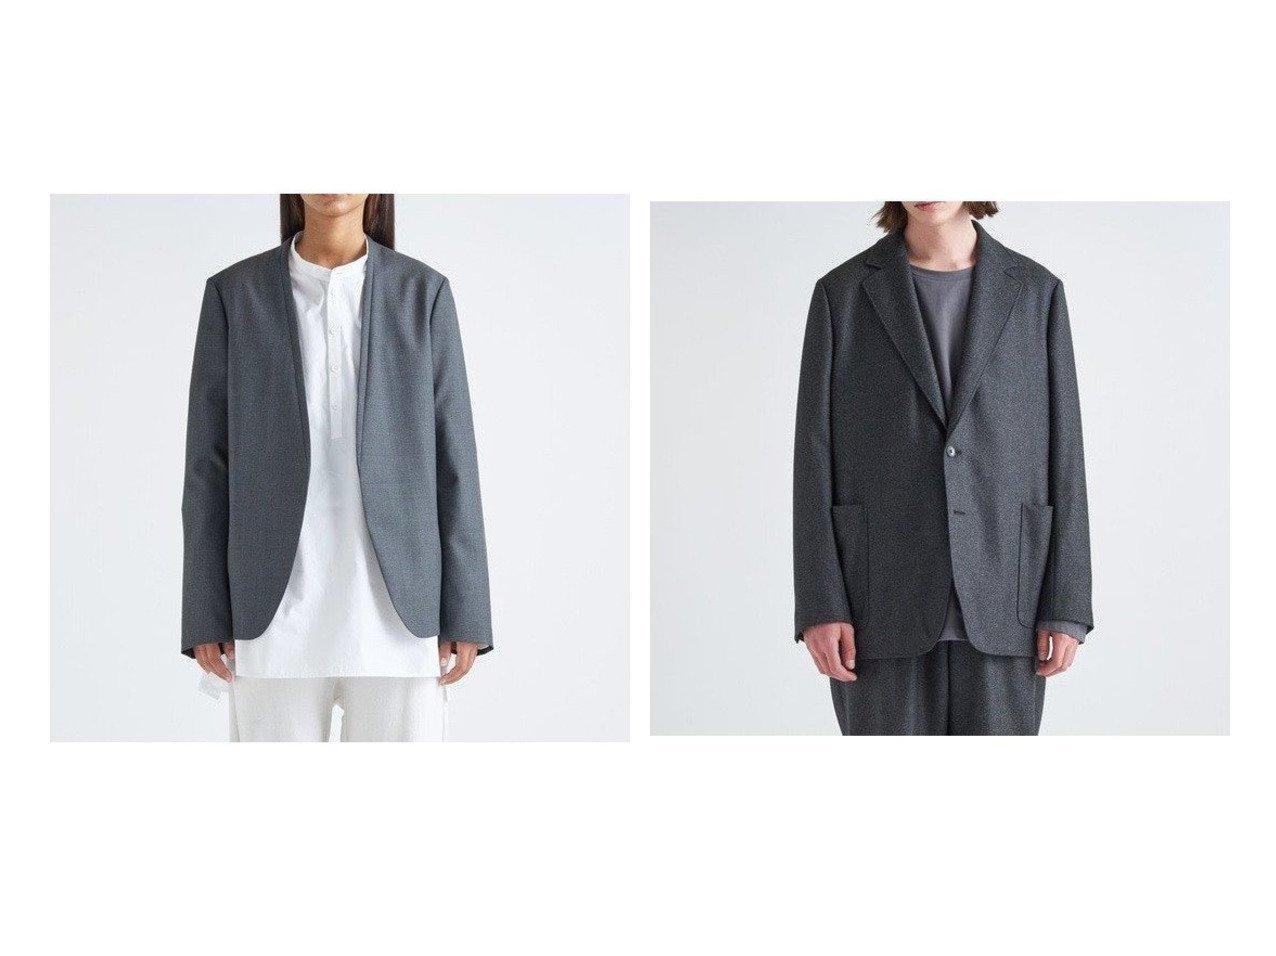 【ATON/エイトン】のタキシードカラージャケット(UNISEX)&パッチポケットジャケット(UNISEX) アウターのおすすめ!人気、トレンド・レディースファッションの通販  おすすめで人気の流行・トレンド、ファッションの通販商品 メンズファッション・キッズファッション・インテリア・家具・レディースファッション・服の通販 founy(ファニー) https://founy.com/ ファッション Fashion レディースファッション WOMEN アウター Coat Outerwear ジャケット Jackets カーディガン ジャケット パイピング フォーム ポケット UNISEX 送料無料 Free Shipping |ID:crp329100000010054